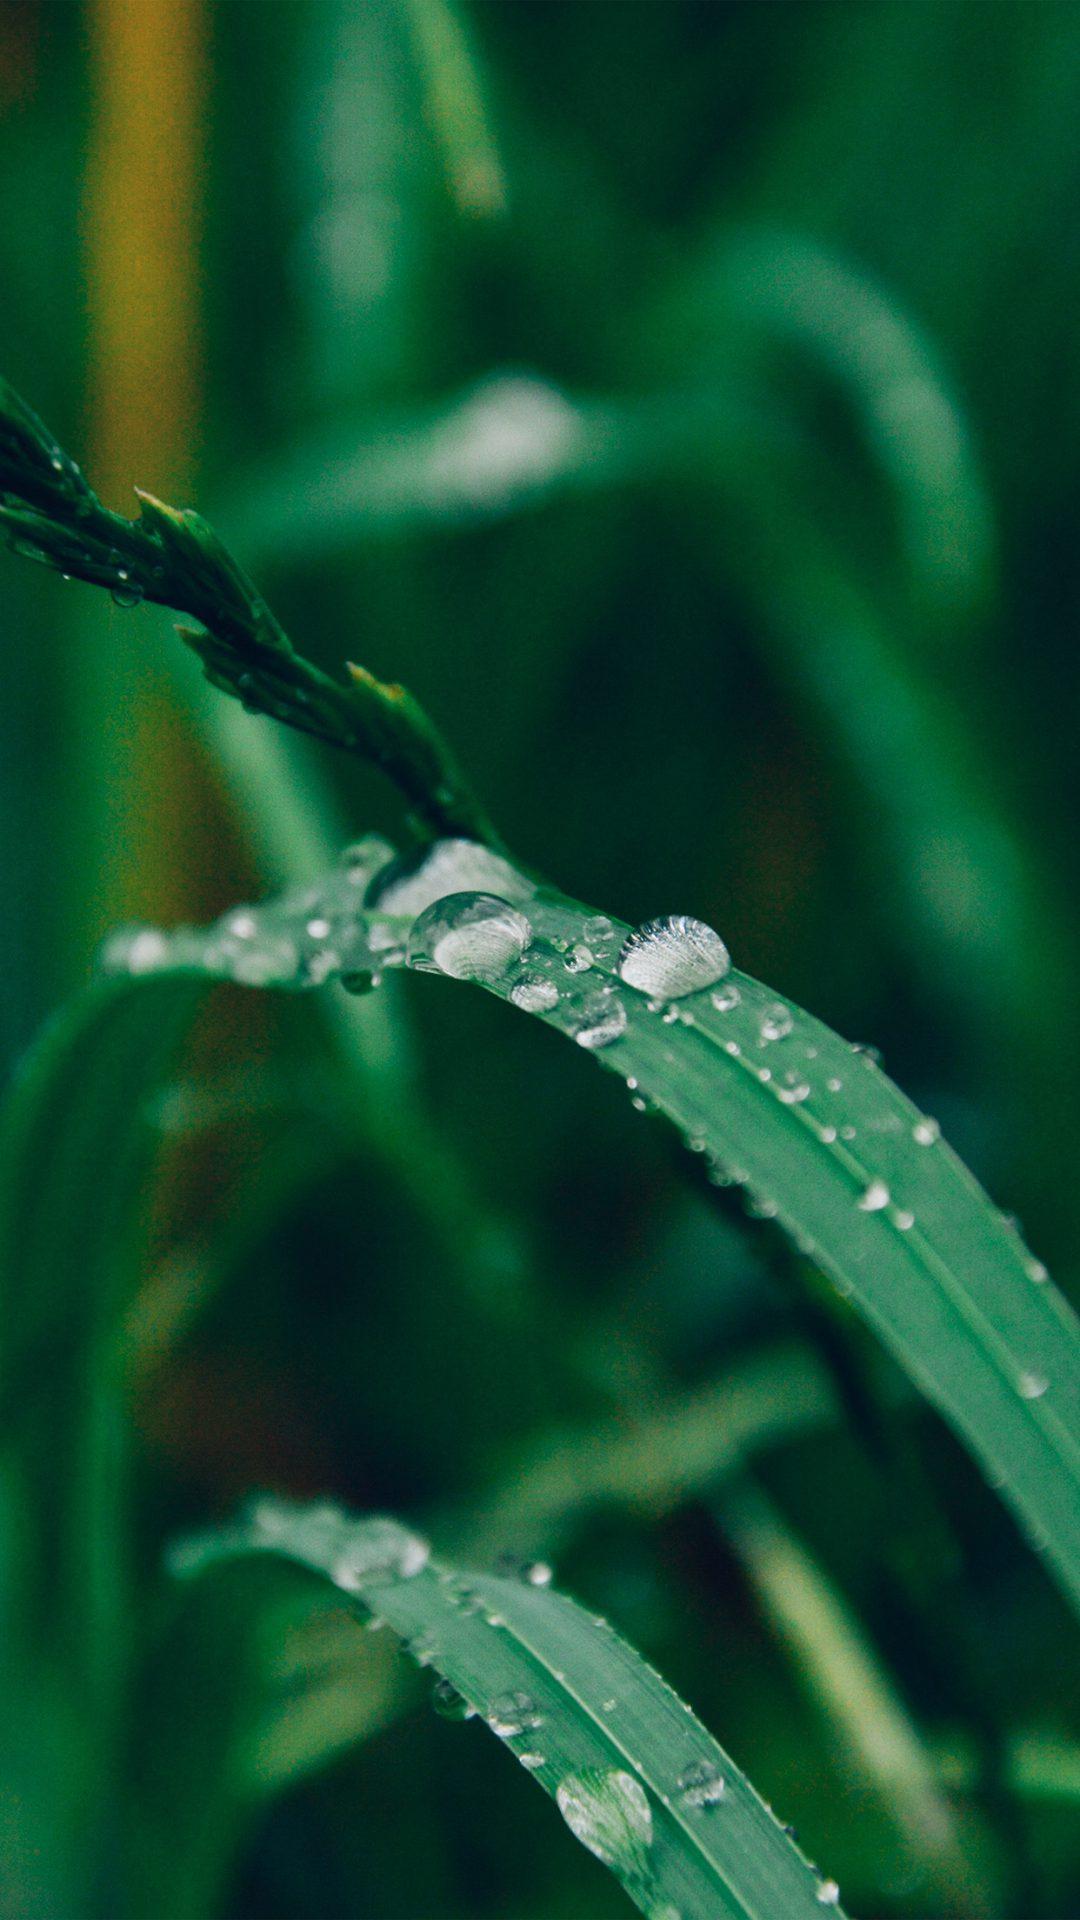 Grass Drop Water Rain Nature Forest